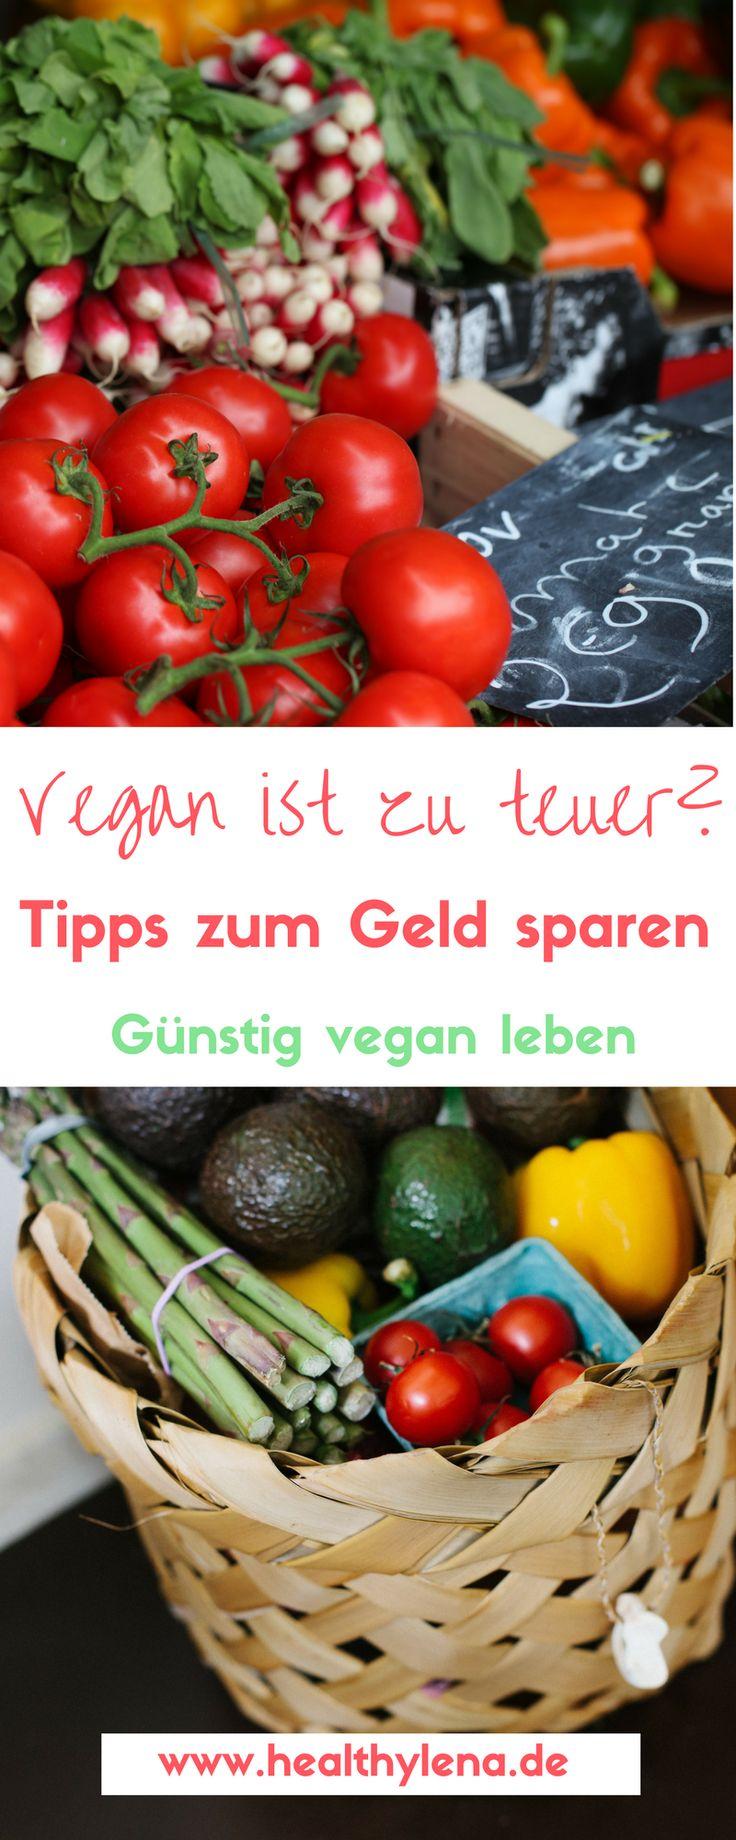 Vegan ist zu teuer? Von wegen! Die vegane Ernährung kann auch sehr günstig gestaltet werden. Hier erfährst du Tipps zum Geld sparen, um gesund & günstig vegan zu leben.